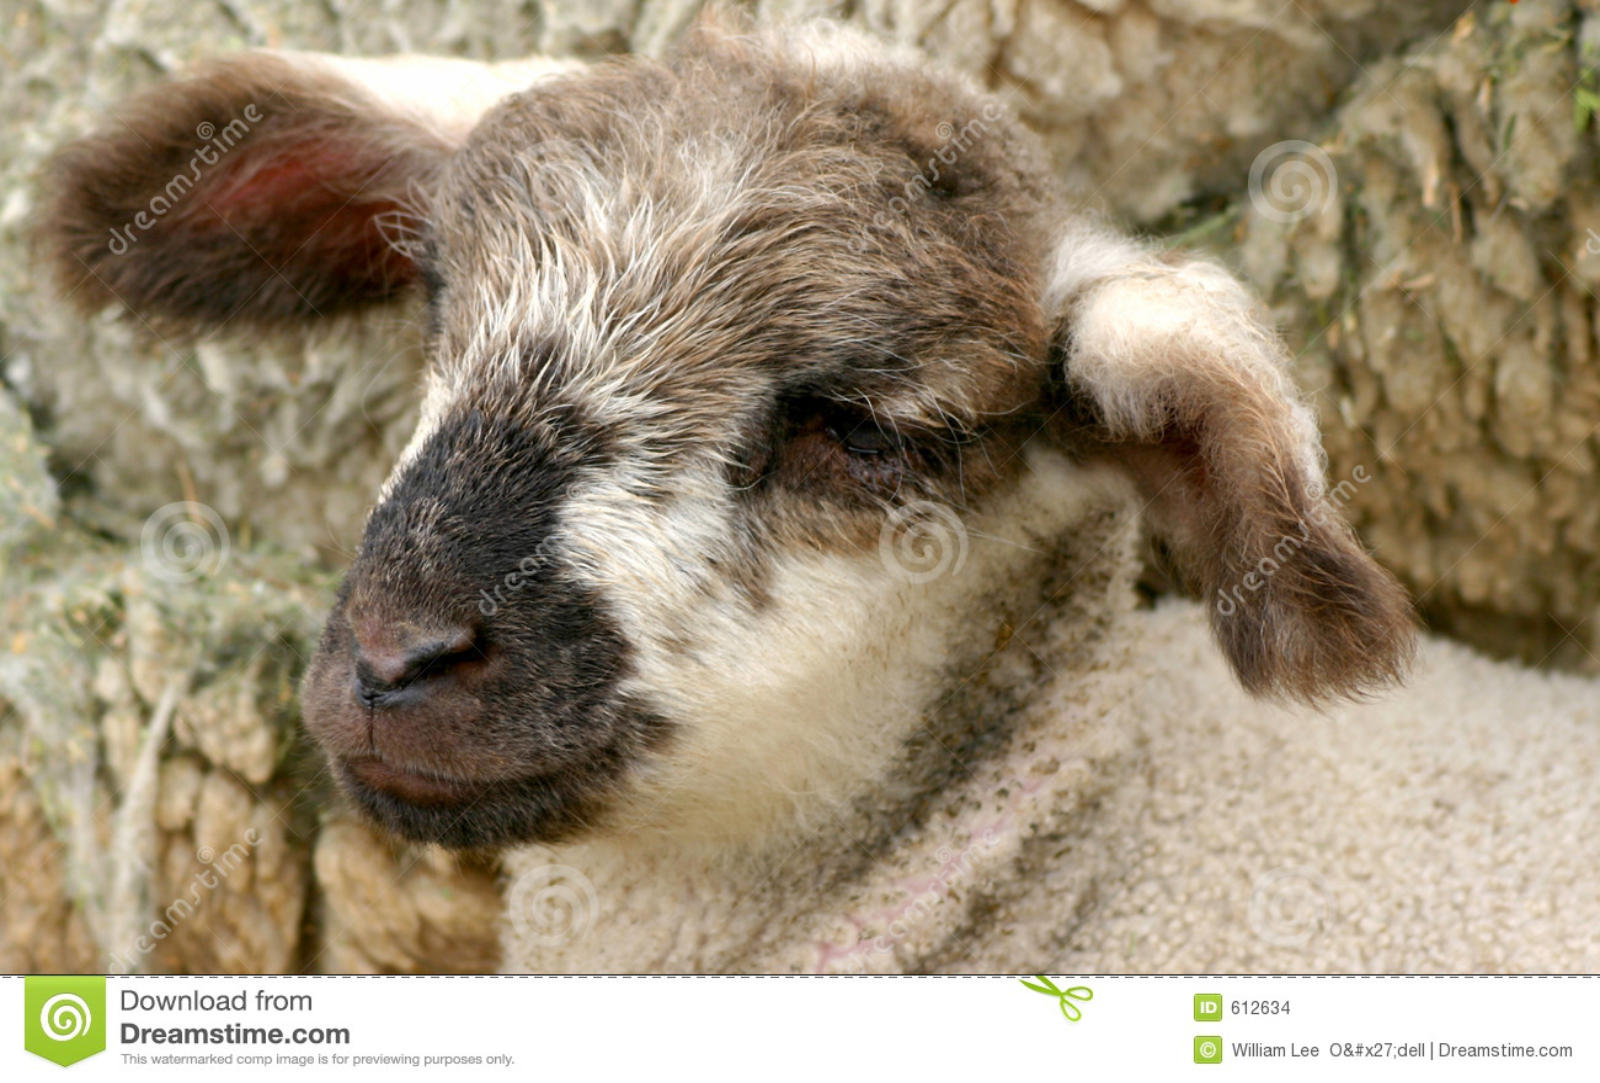 New Lamb 2